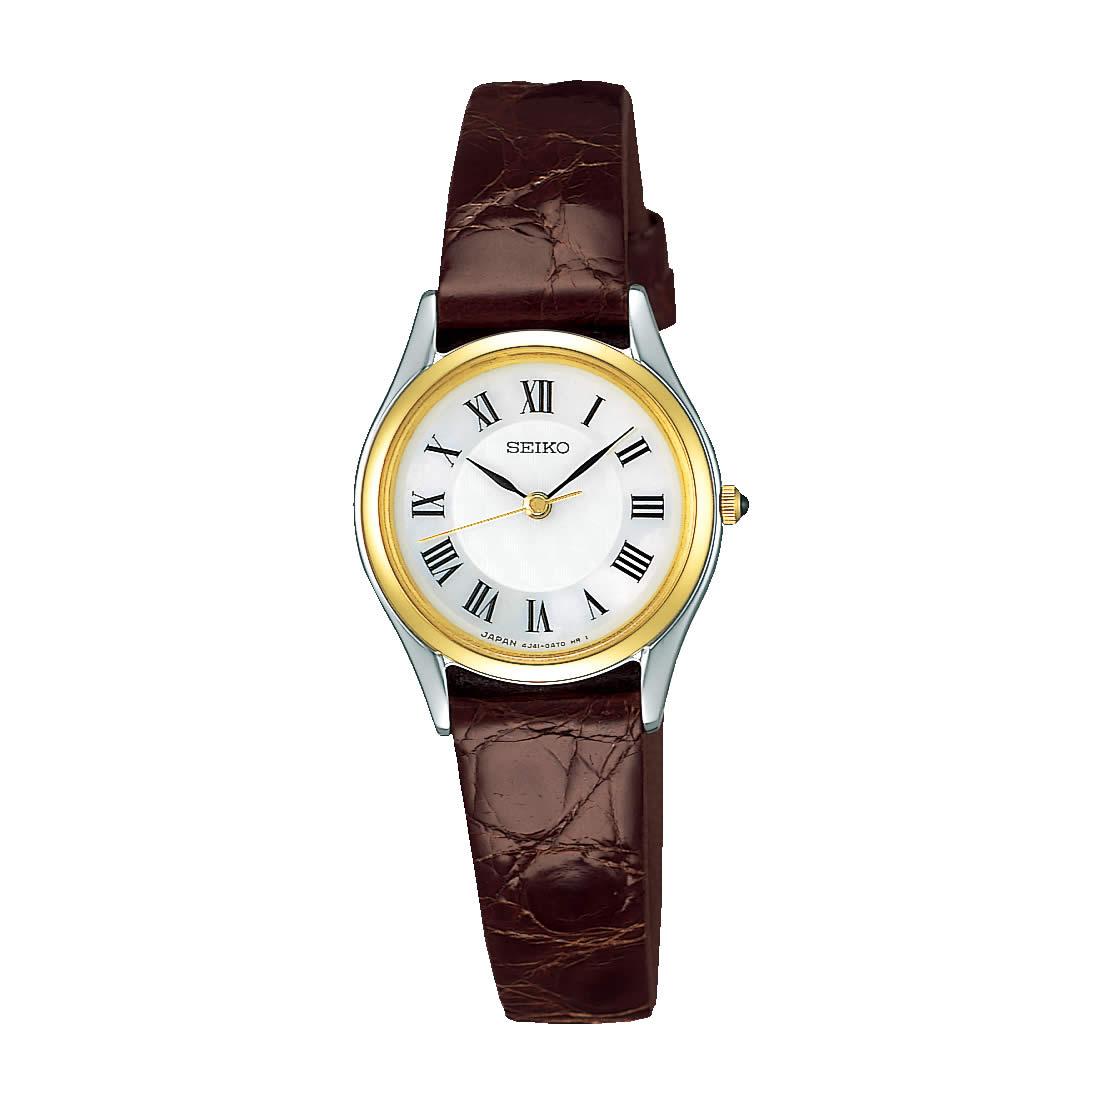 【送料無料】【国内正規品】セイコー エクセリーヌ SEIKO EXCELINE 腕時計 革ベルト SWDL162 白蝶貝 レディース 時計 オフィス ペアウォッチ ペア腕時計 レザー ワニ革 ビジネス シンプル 人気 うでどけい とけい WATCH 時計【取り寄せ】